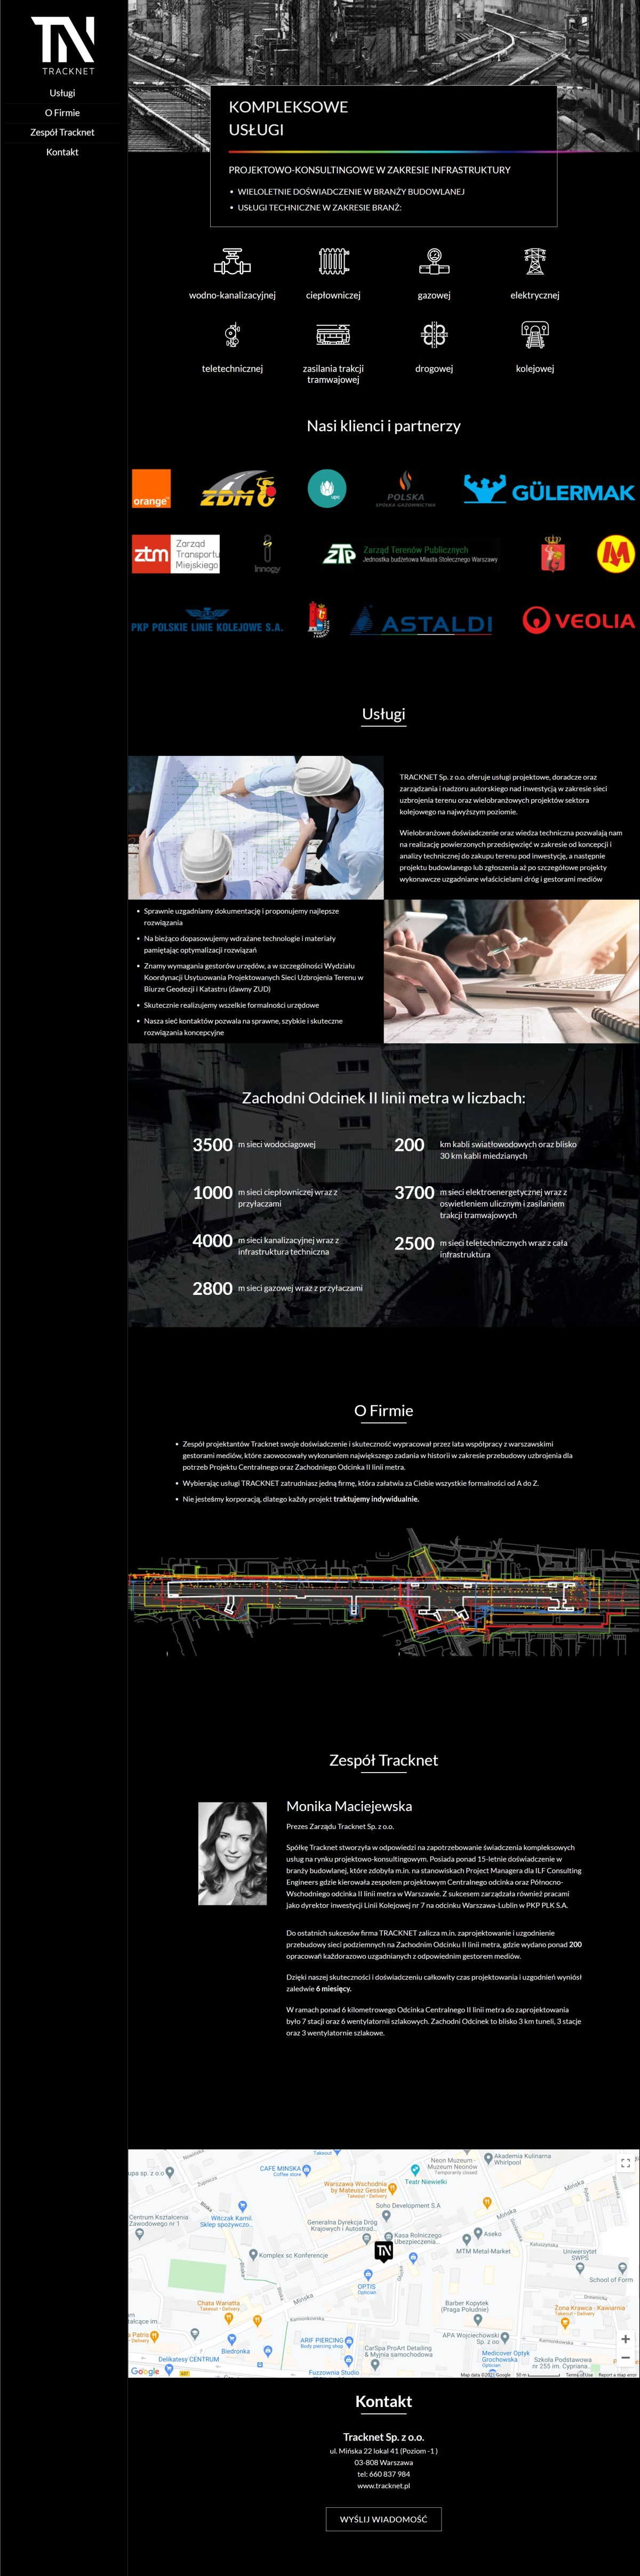 Tworzenie Wizytówki Internetowej Dla Firmy